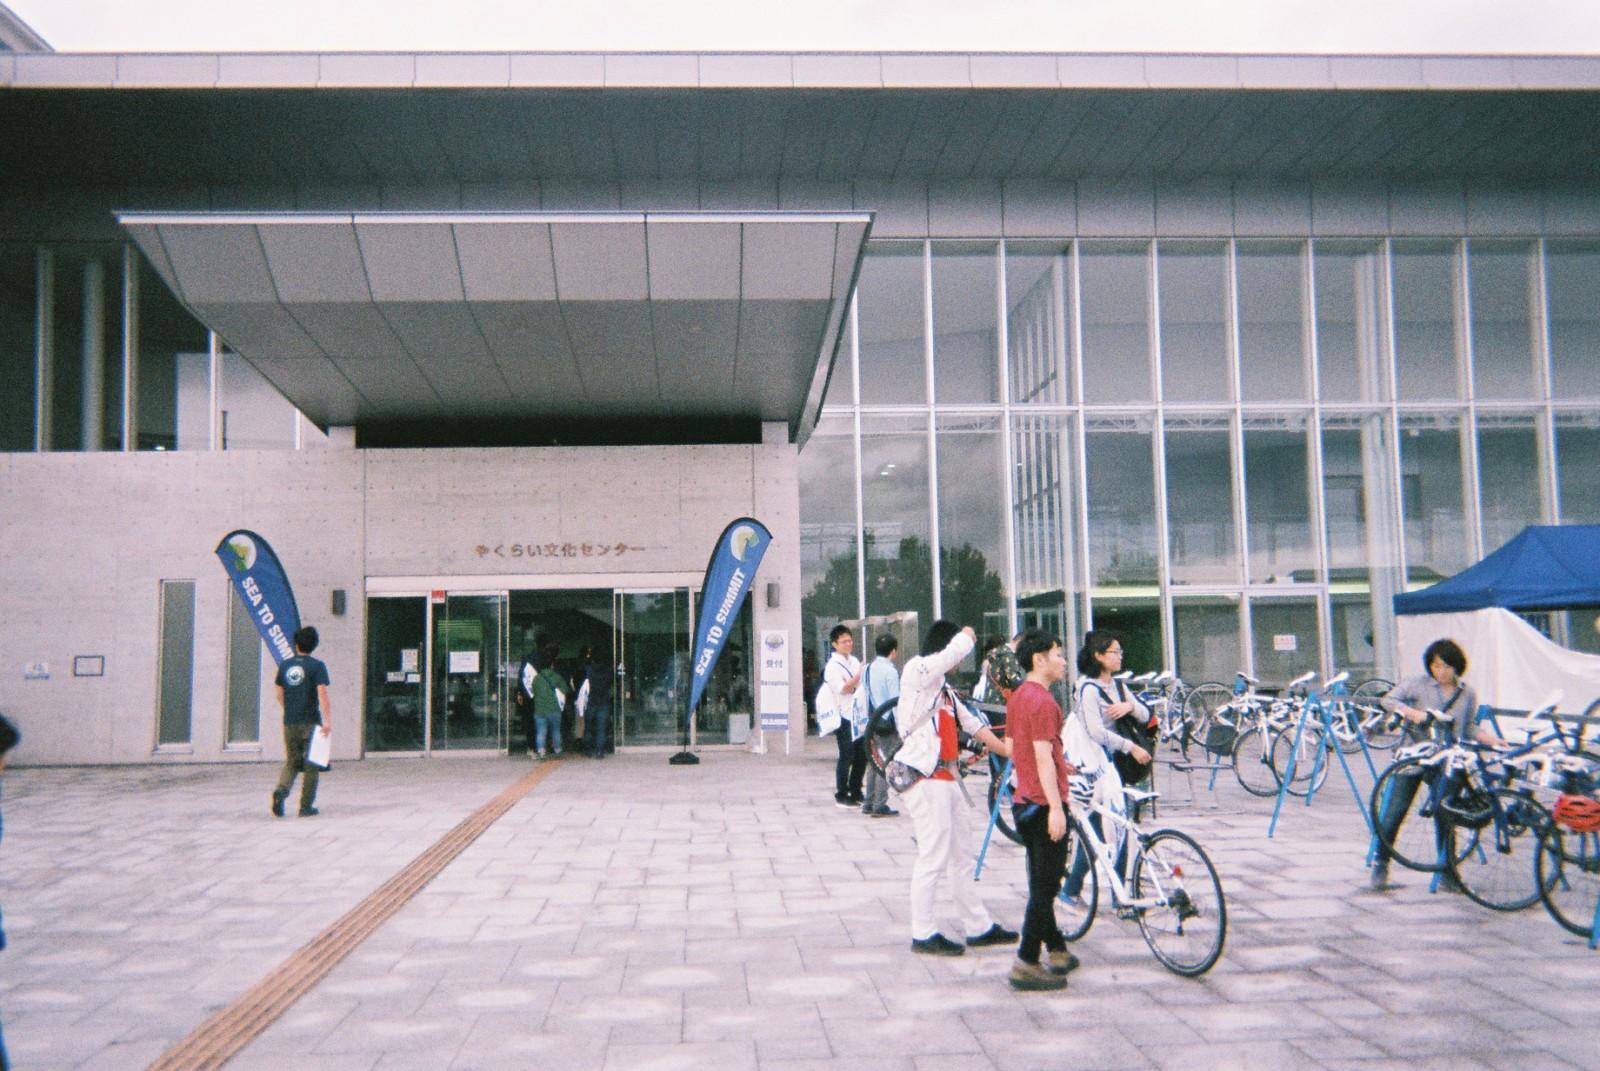 大会のエントリーと、自転車の貸し出し、シンポジウムが行われた『やくらい文化センター』。